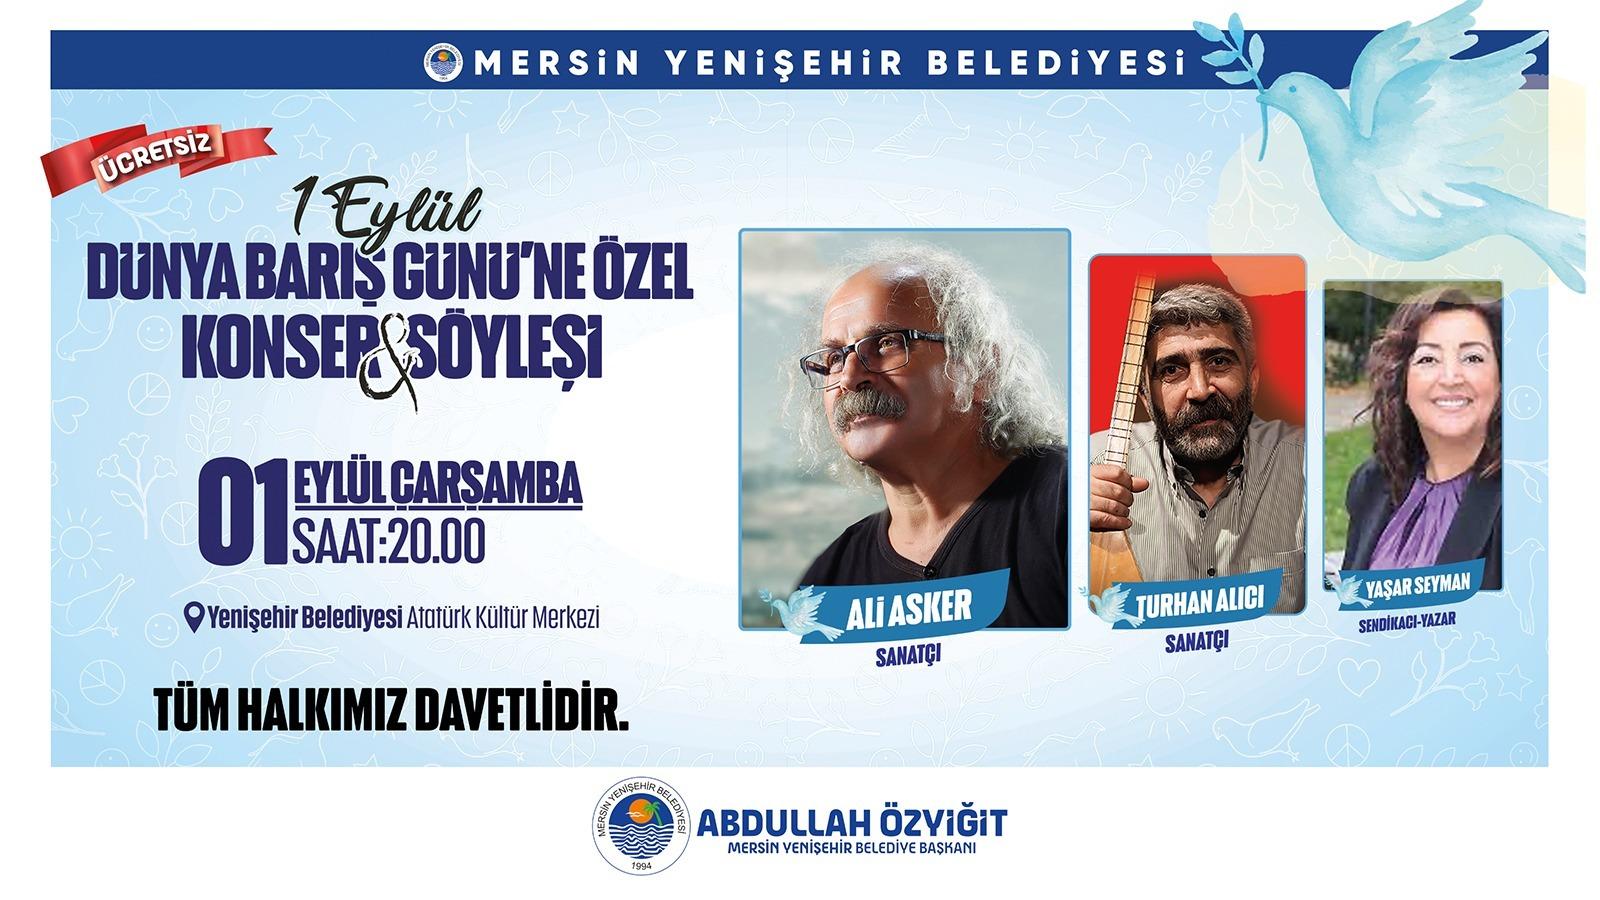 Yenişehir'de Dünya Barış Günü'ne özel konser ve söyleşi